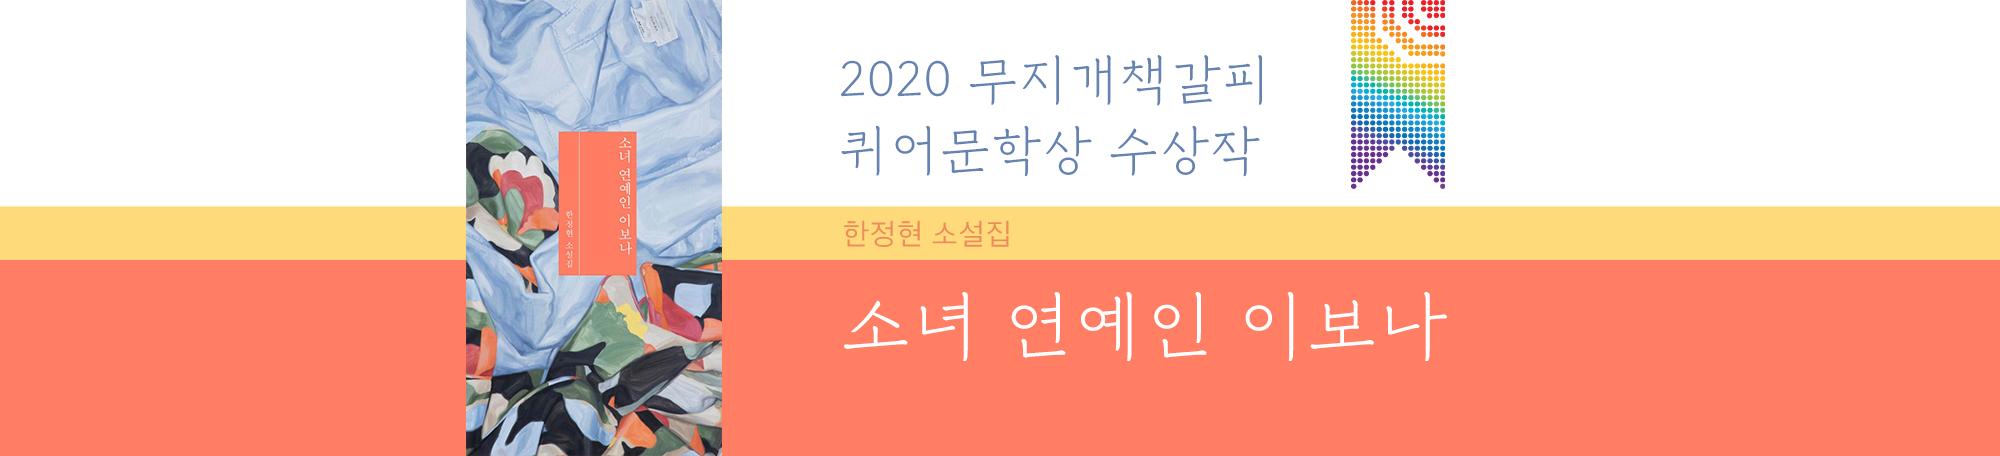 제4회 퀴어문학상 수상작